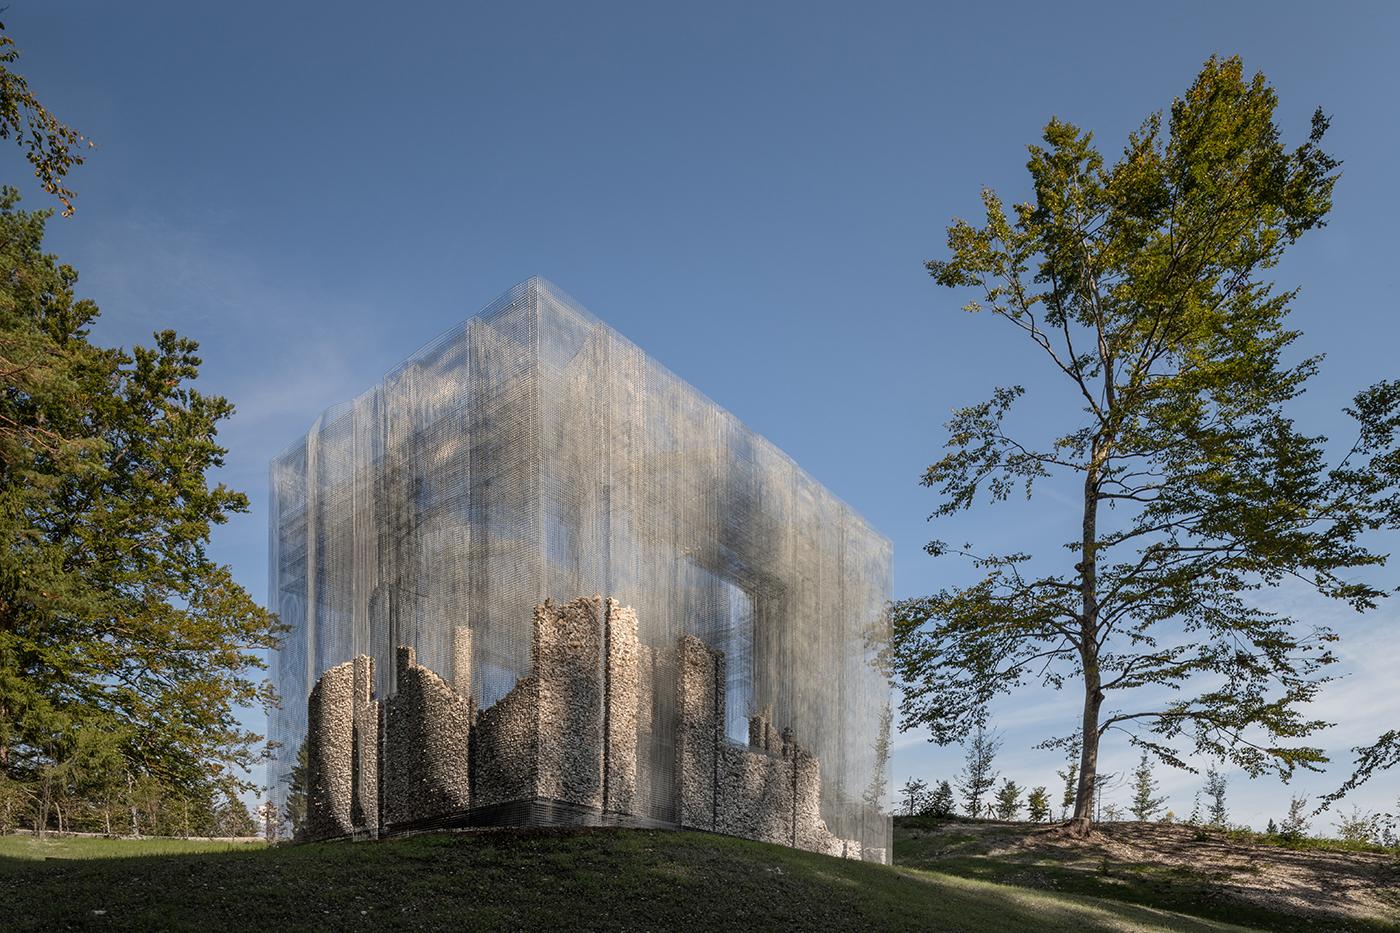 نصب چیدمان سیم پیچی شده در در پارک مجسمه سازی Arte Sella